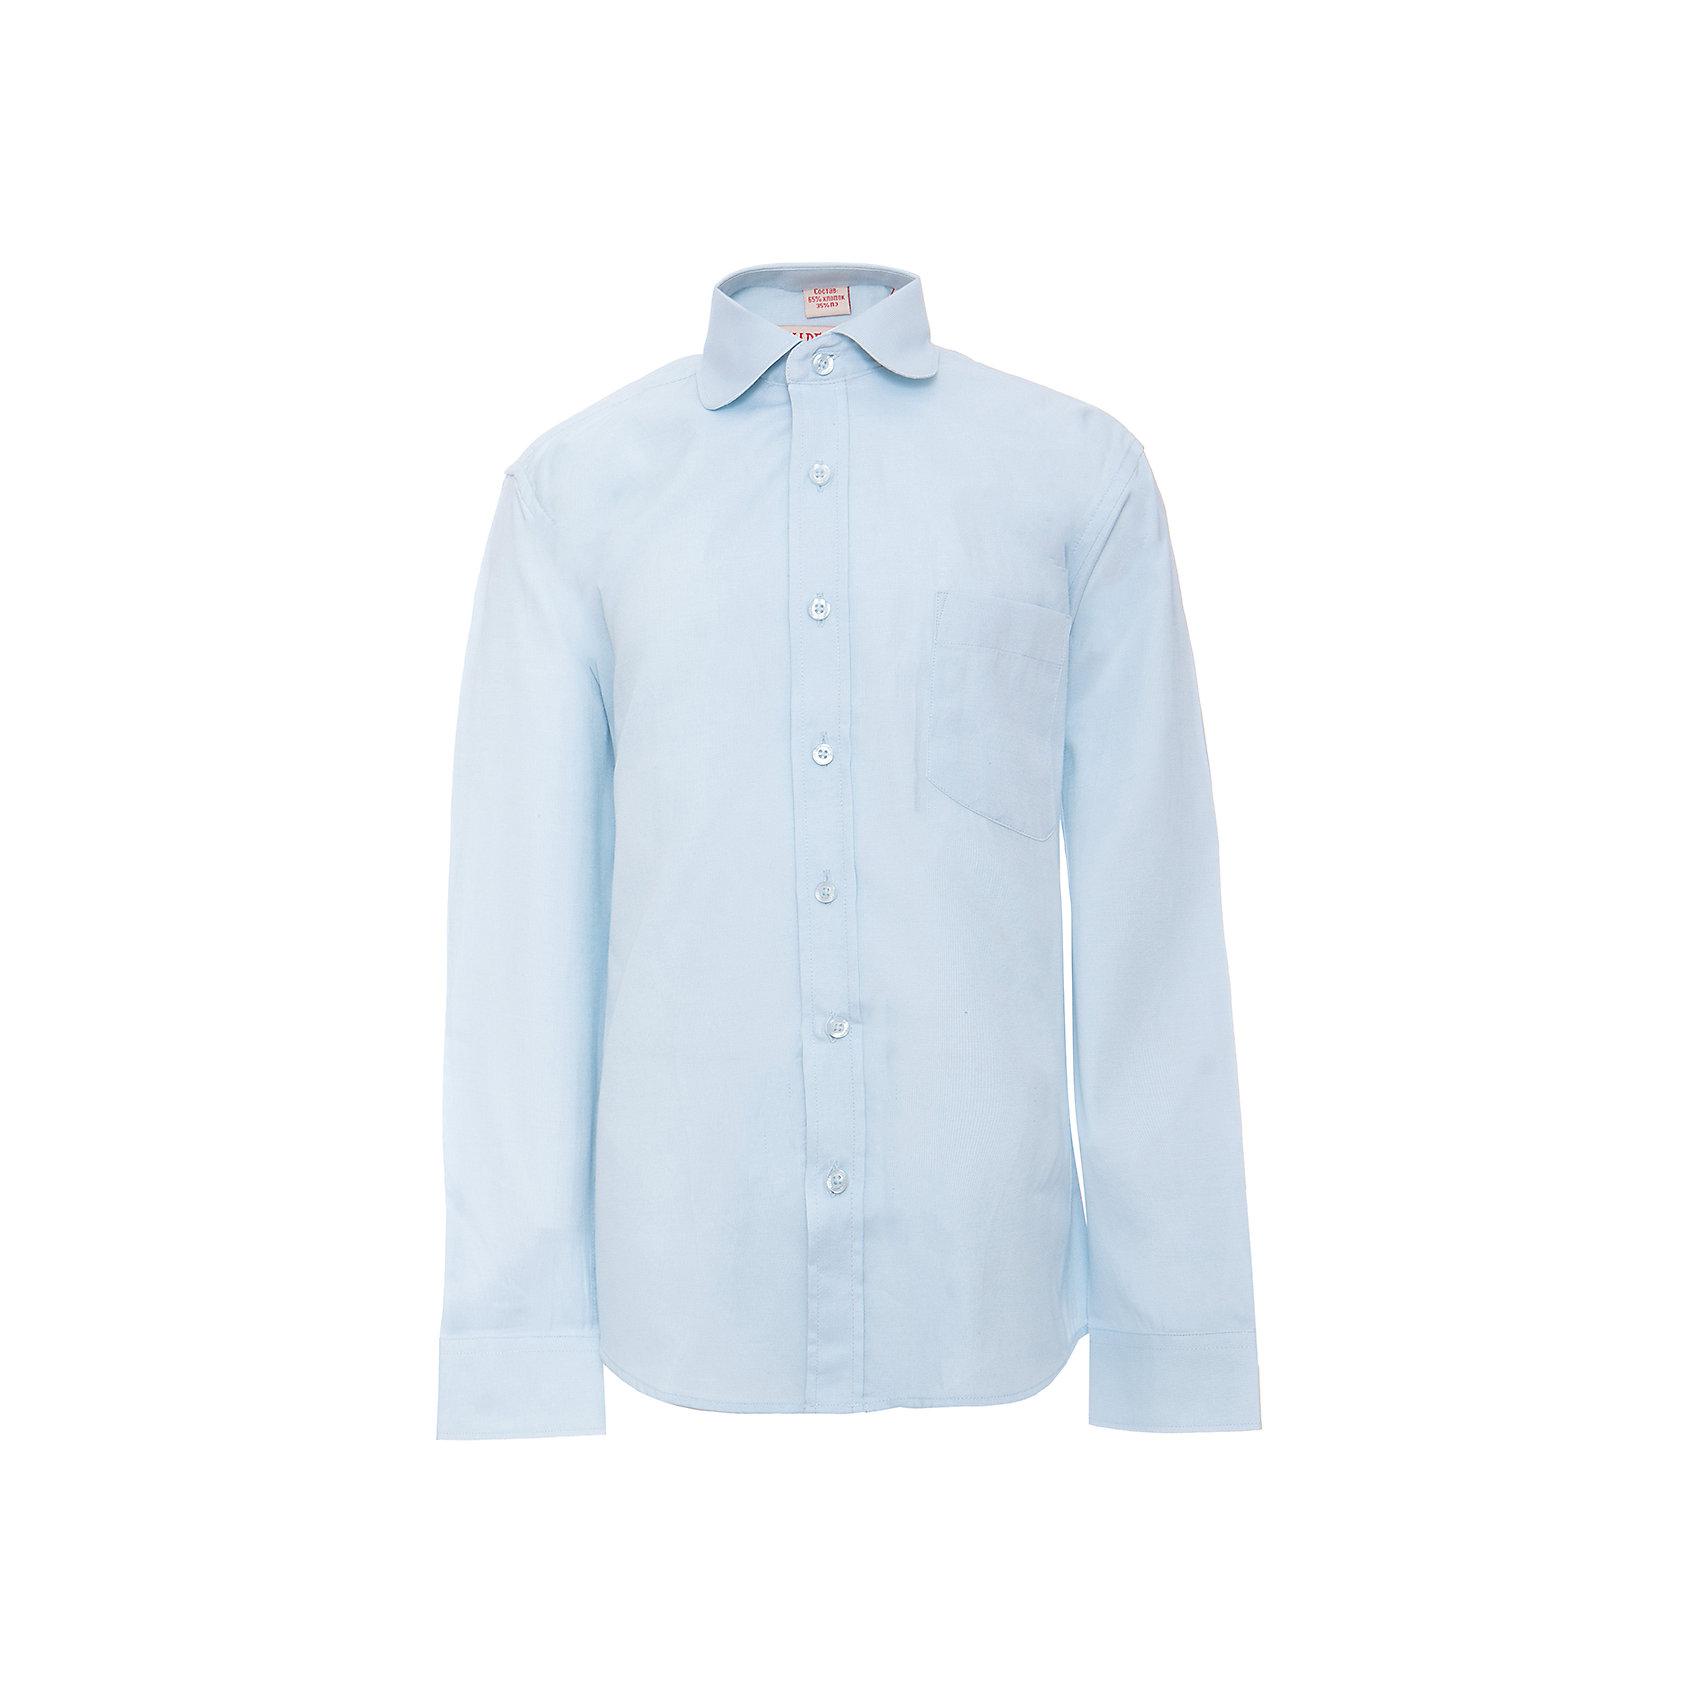 Рубашка для мальчика ImperatorБлузки и рубашки<br>Характеристики товара:<br><br>• цвет: голубой<br>• состав ткани: 65% хлопок, 35% полиэстер<br>• особенности: школьная, праздничная<br>• застежка: пуговицы<br>• рукава: длинные<br>• сезон: круглый год<br>• страна бренда: Российская Федерация<br>• страна изготовитель: Китай<br><br>Сорочка классического кроя для мальчика - отличный вариант практичной и стильной школьной одежды.<br><br>Накладной карман, свободный покрой, дышащая ткань с преобладанием хлопка - красиво и удобно.<br><br>Рубашку для мальчика Imperator (Император) можно купить в нашем интернет-магазине.<br><br>Ширина мм: 174<br>Глубина мм: 10<br>Высота мм: 169<br>Вес г: 157<br>Цвет: голубой<br>Возраст от месяцев: 156<br>Возраст до месяцев: 168<br>Пол: Мужской<br>Возраст: Детский<br>Размер: 164/170,122/128,128/134,134/140,140/146,146/152,146/152,152/158,152/158,158/164<br>SKU: 6860732